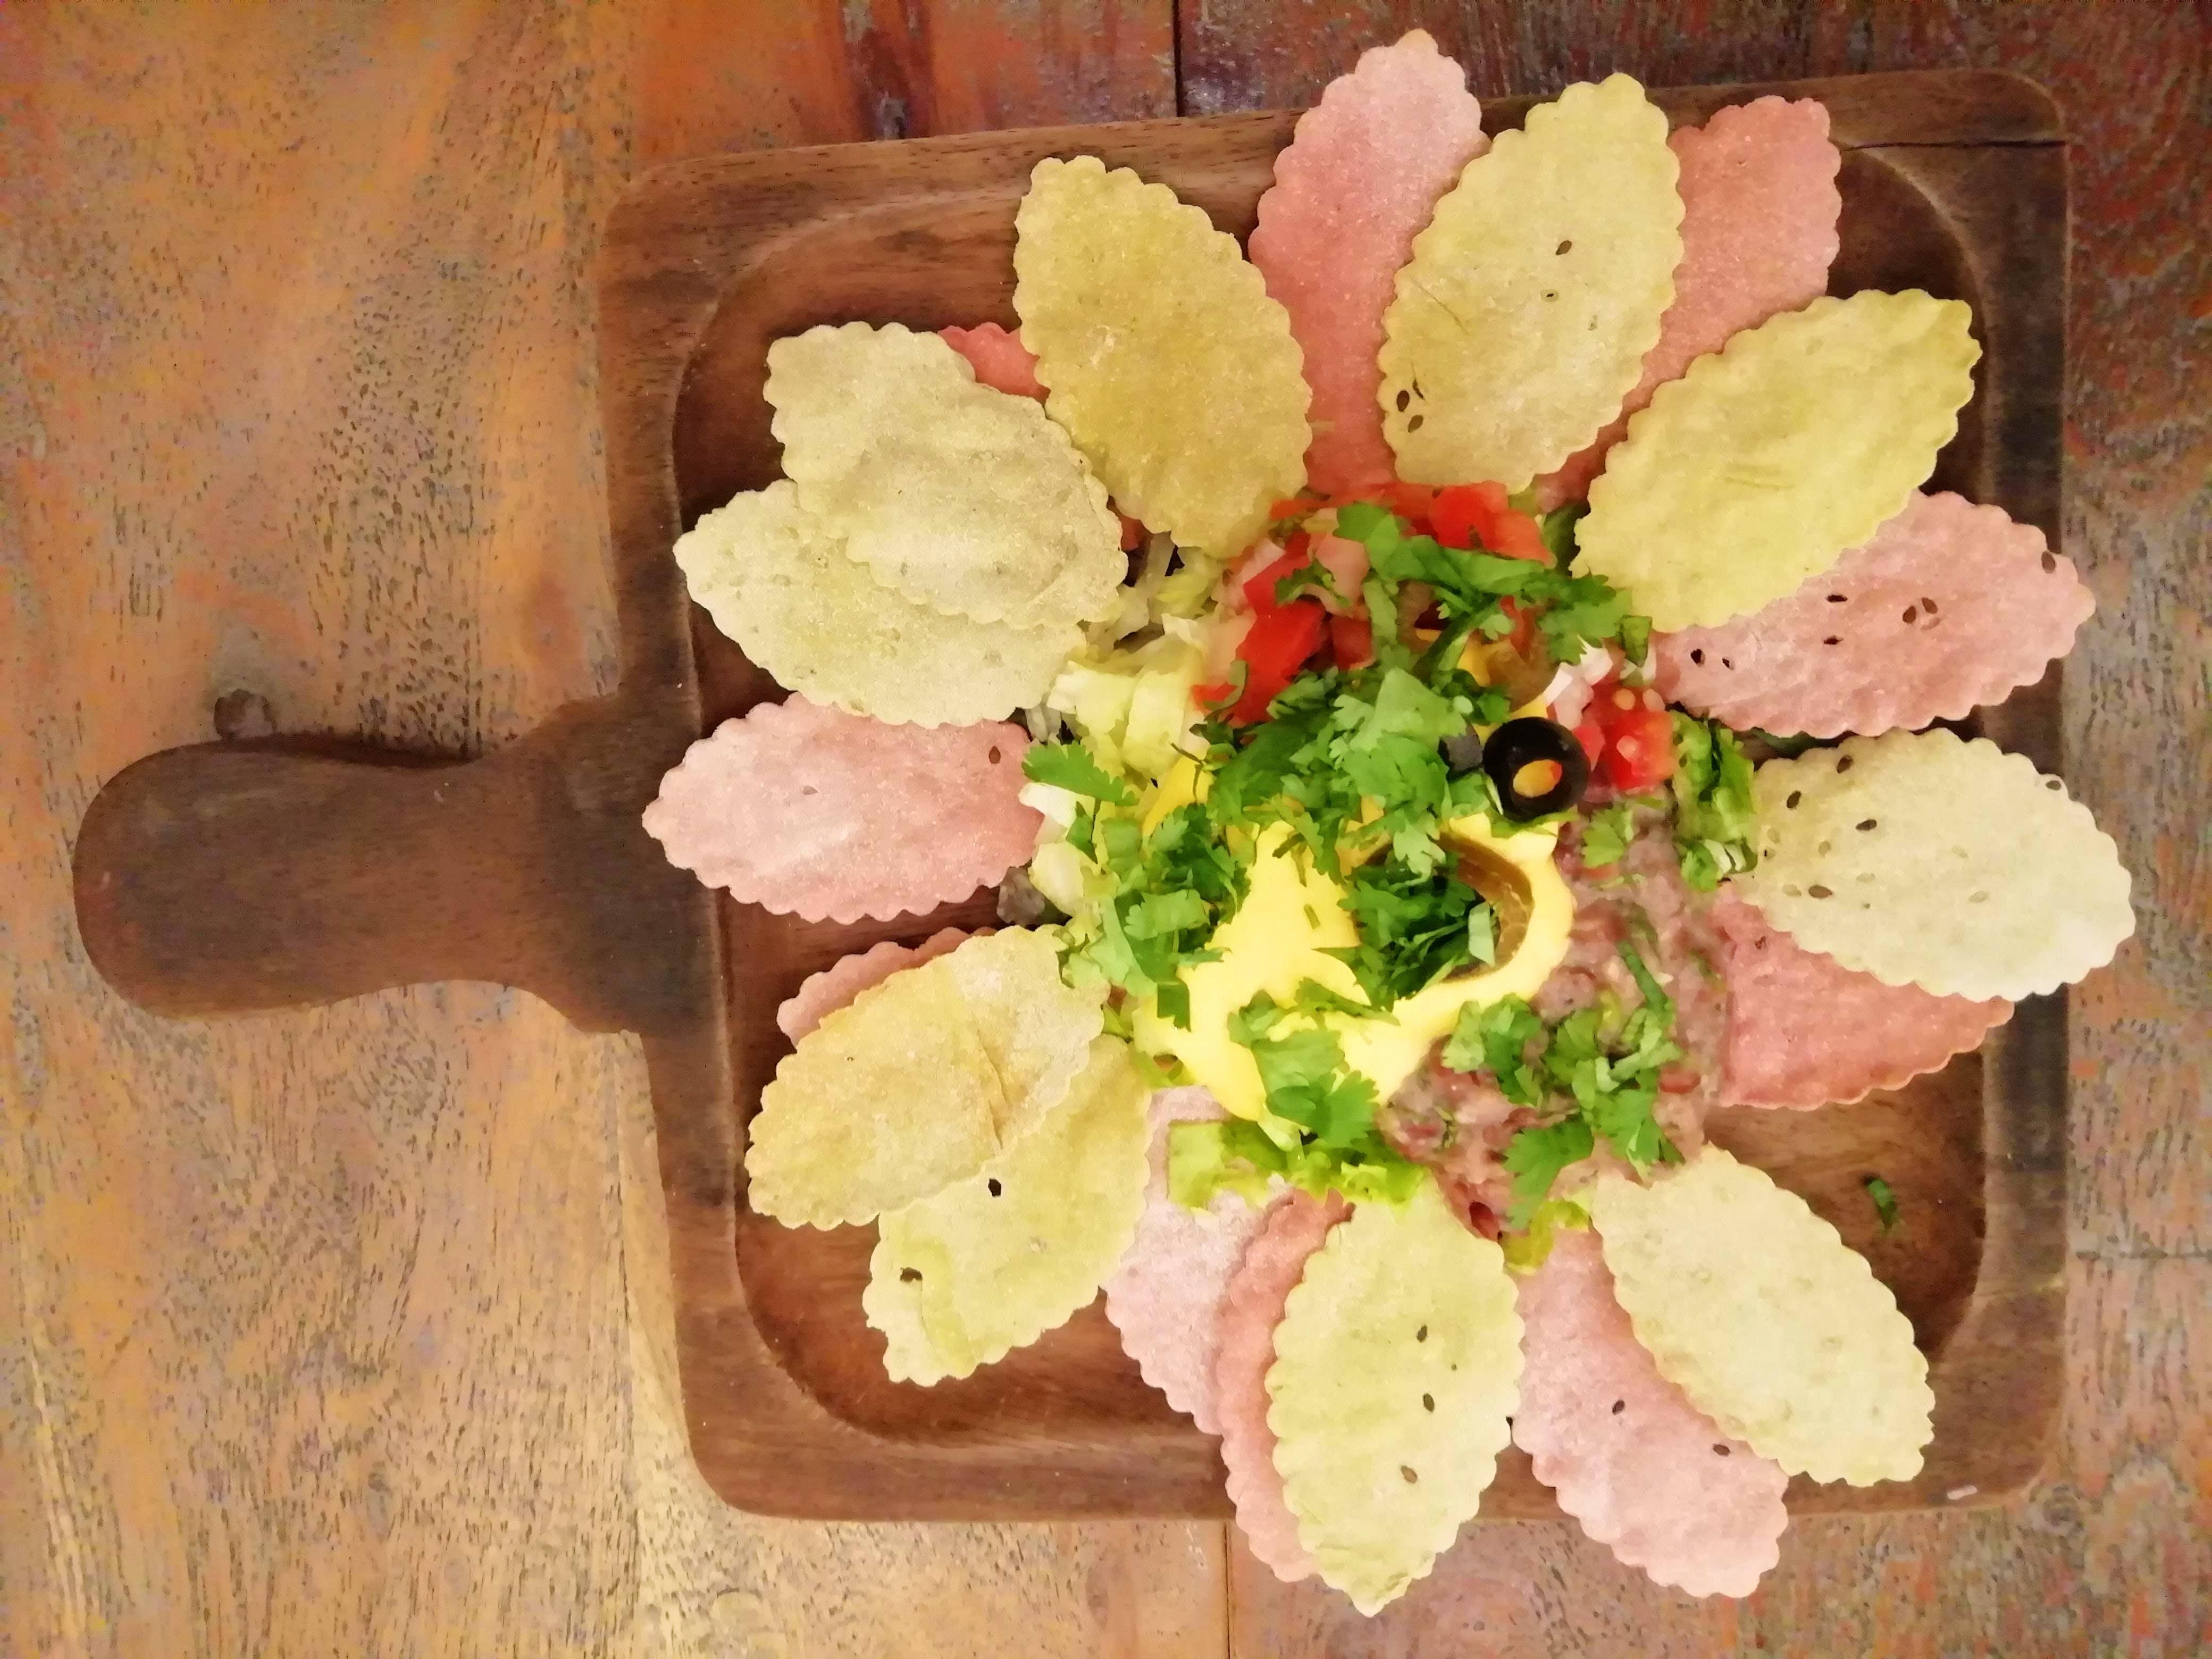 Flower,Dish,Food,Plant,Cuisine,Cut flowers,Floral design